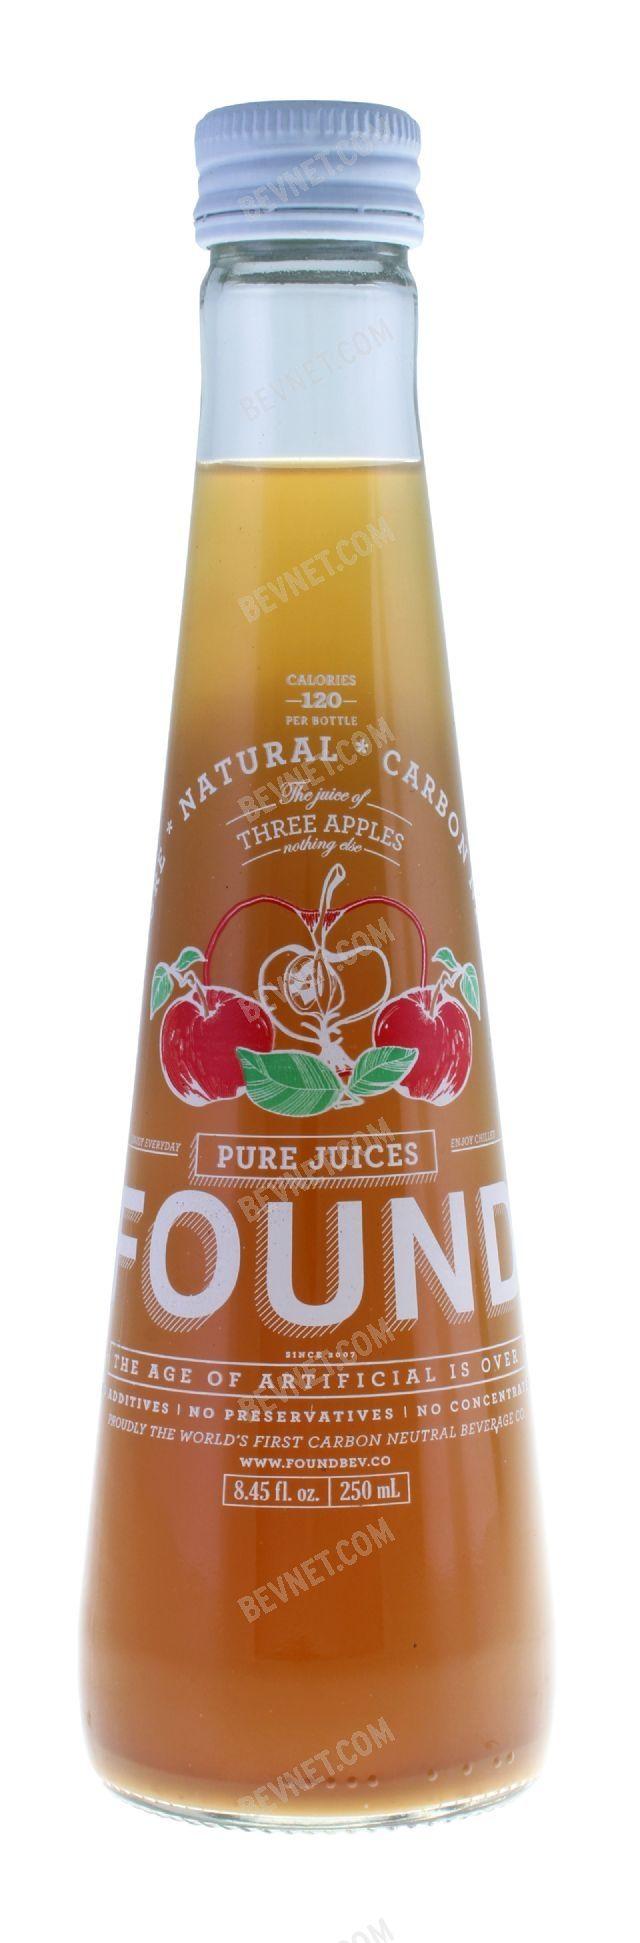 Found Beverage Co.: